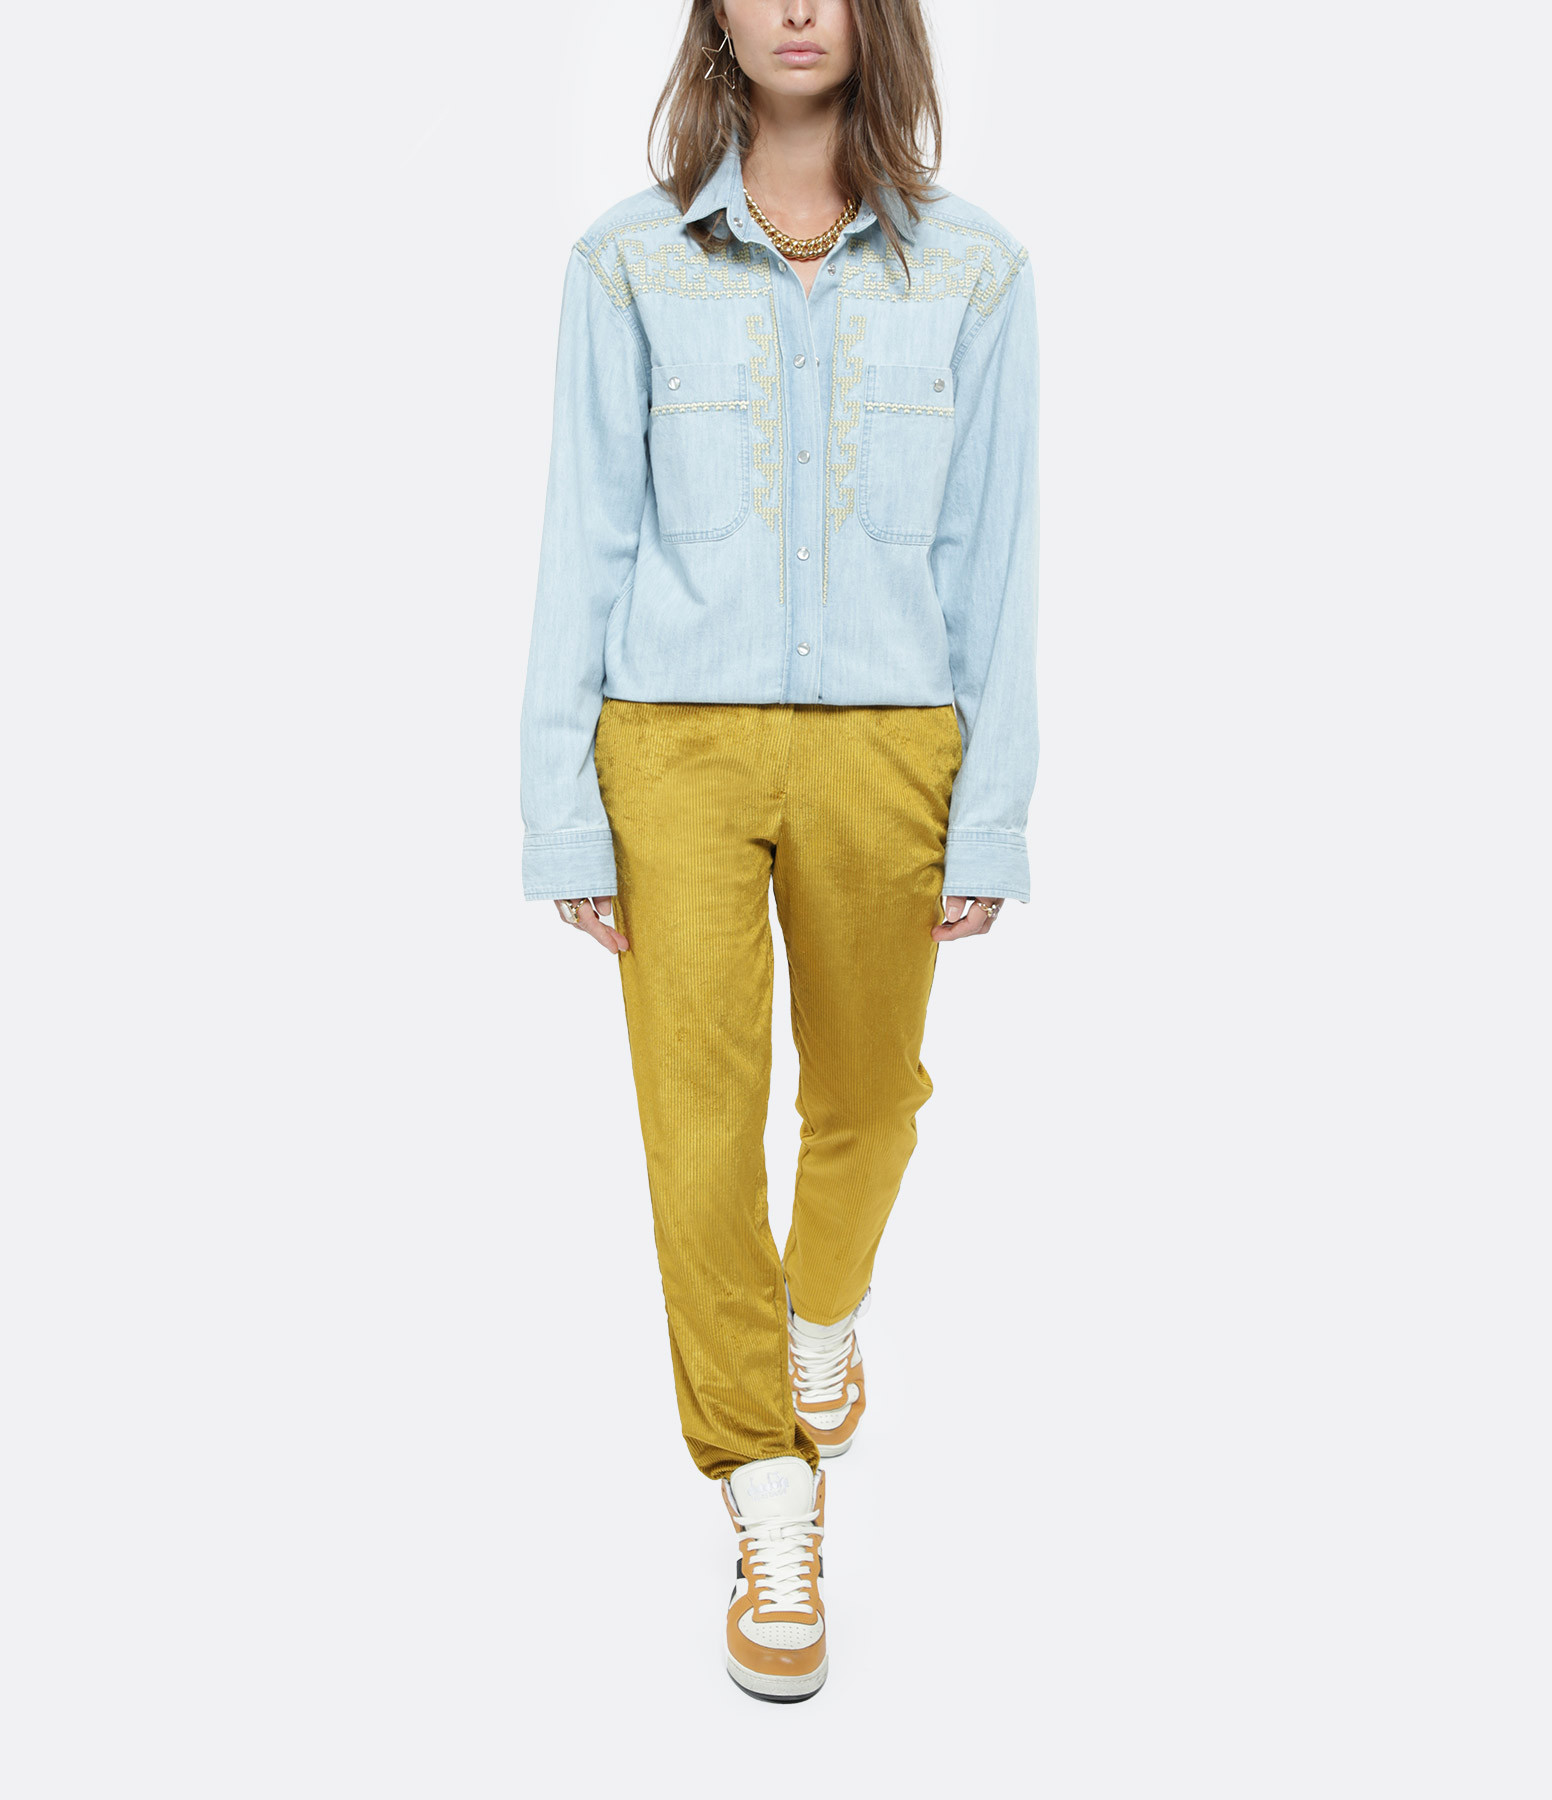 ISABEL MARANT ÉTOILE - Chemise Galise Coton Bleu